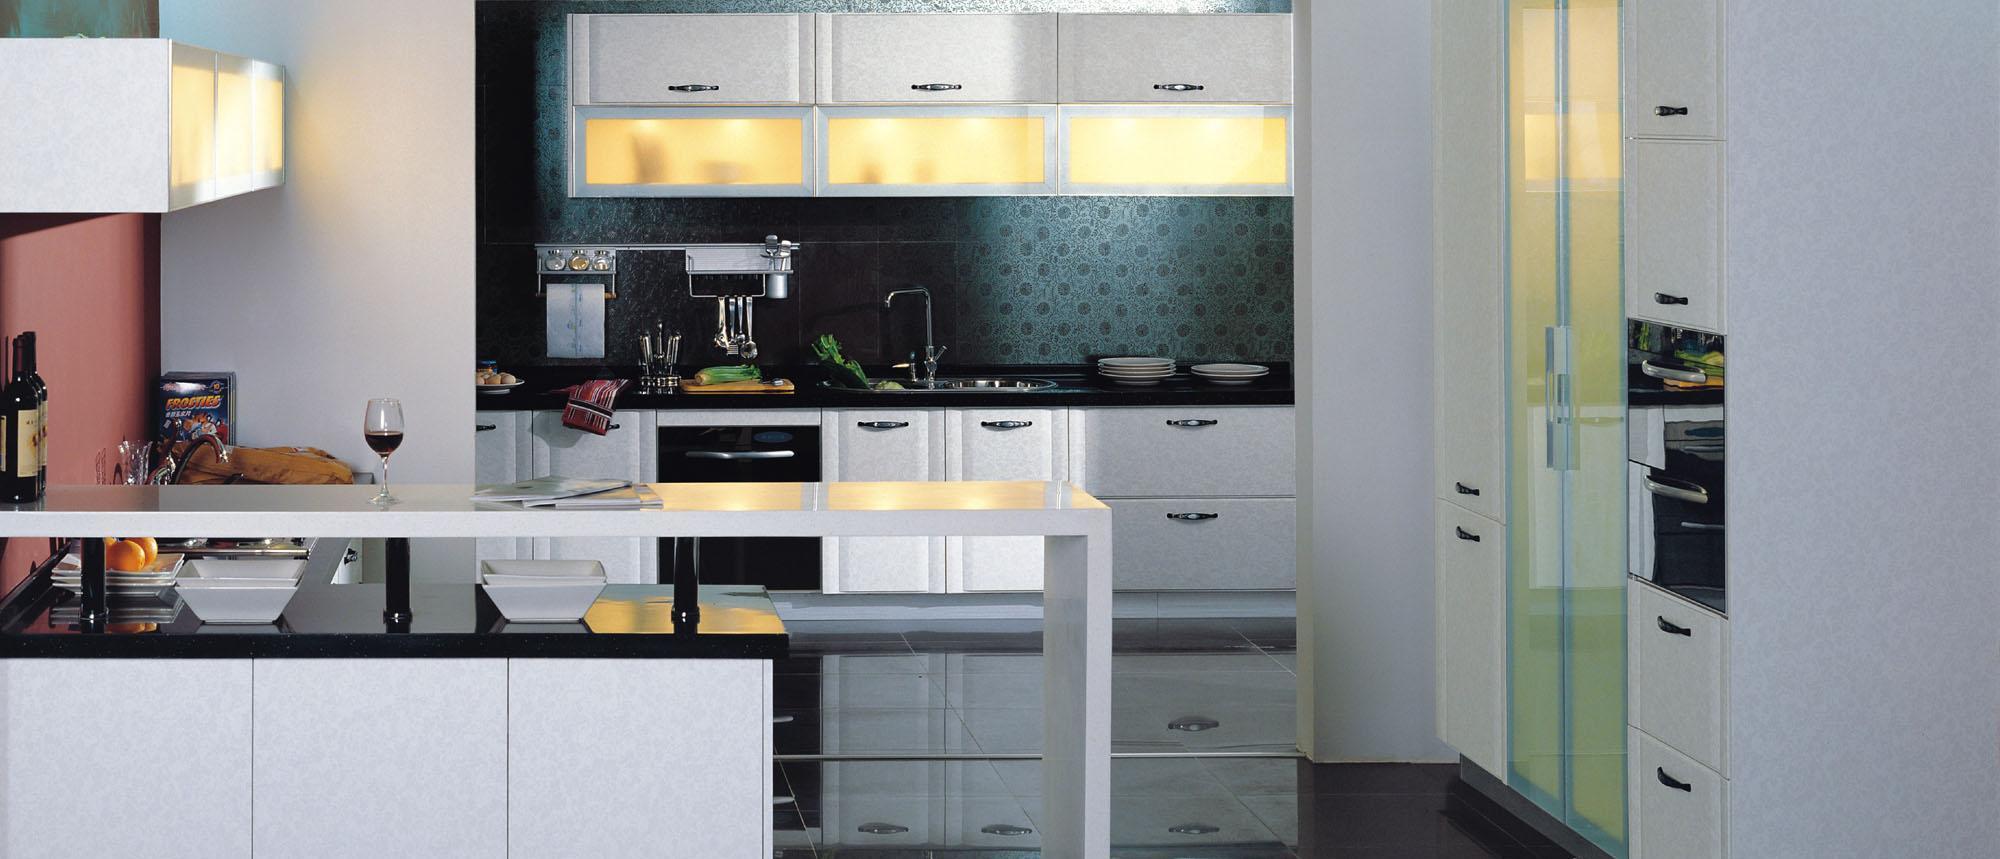 蓝谷智能厨房白金汉系列LX-4003 L型+II型半开放LX-4003 L型